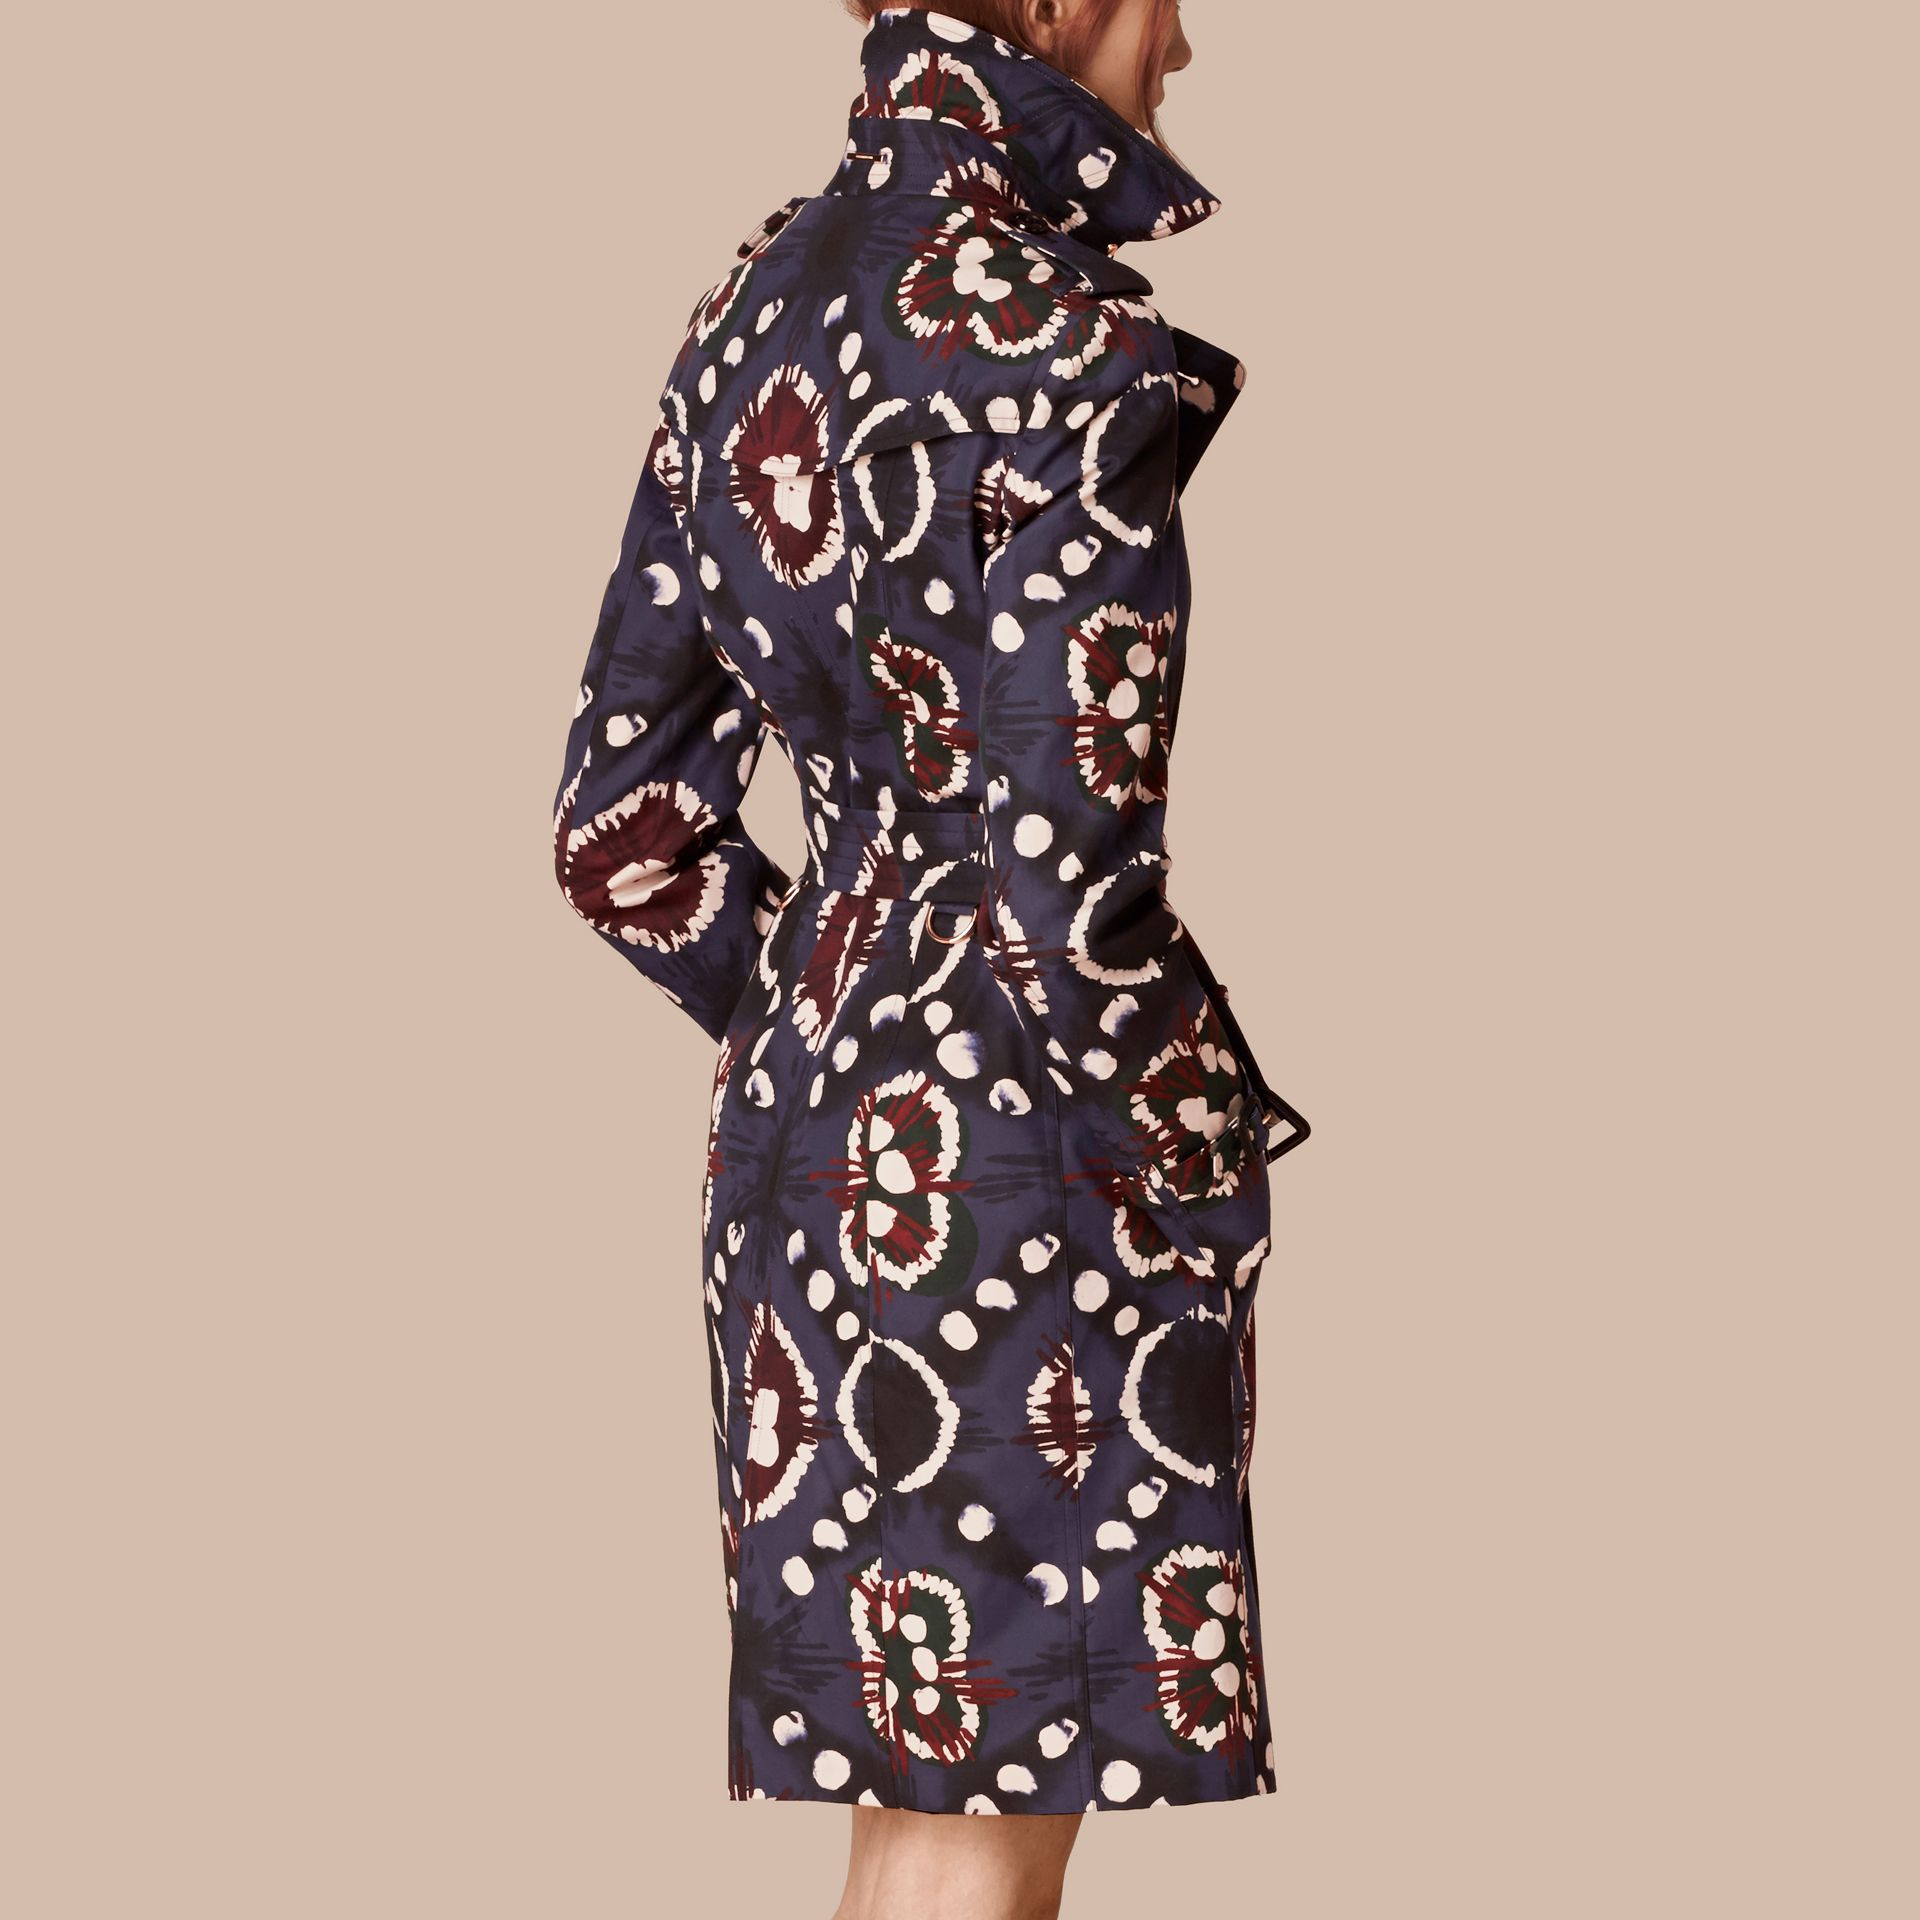 Azul marinho intenso Trench coat de algodão com estampa tie-dye - galeria de imagens 2